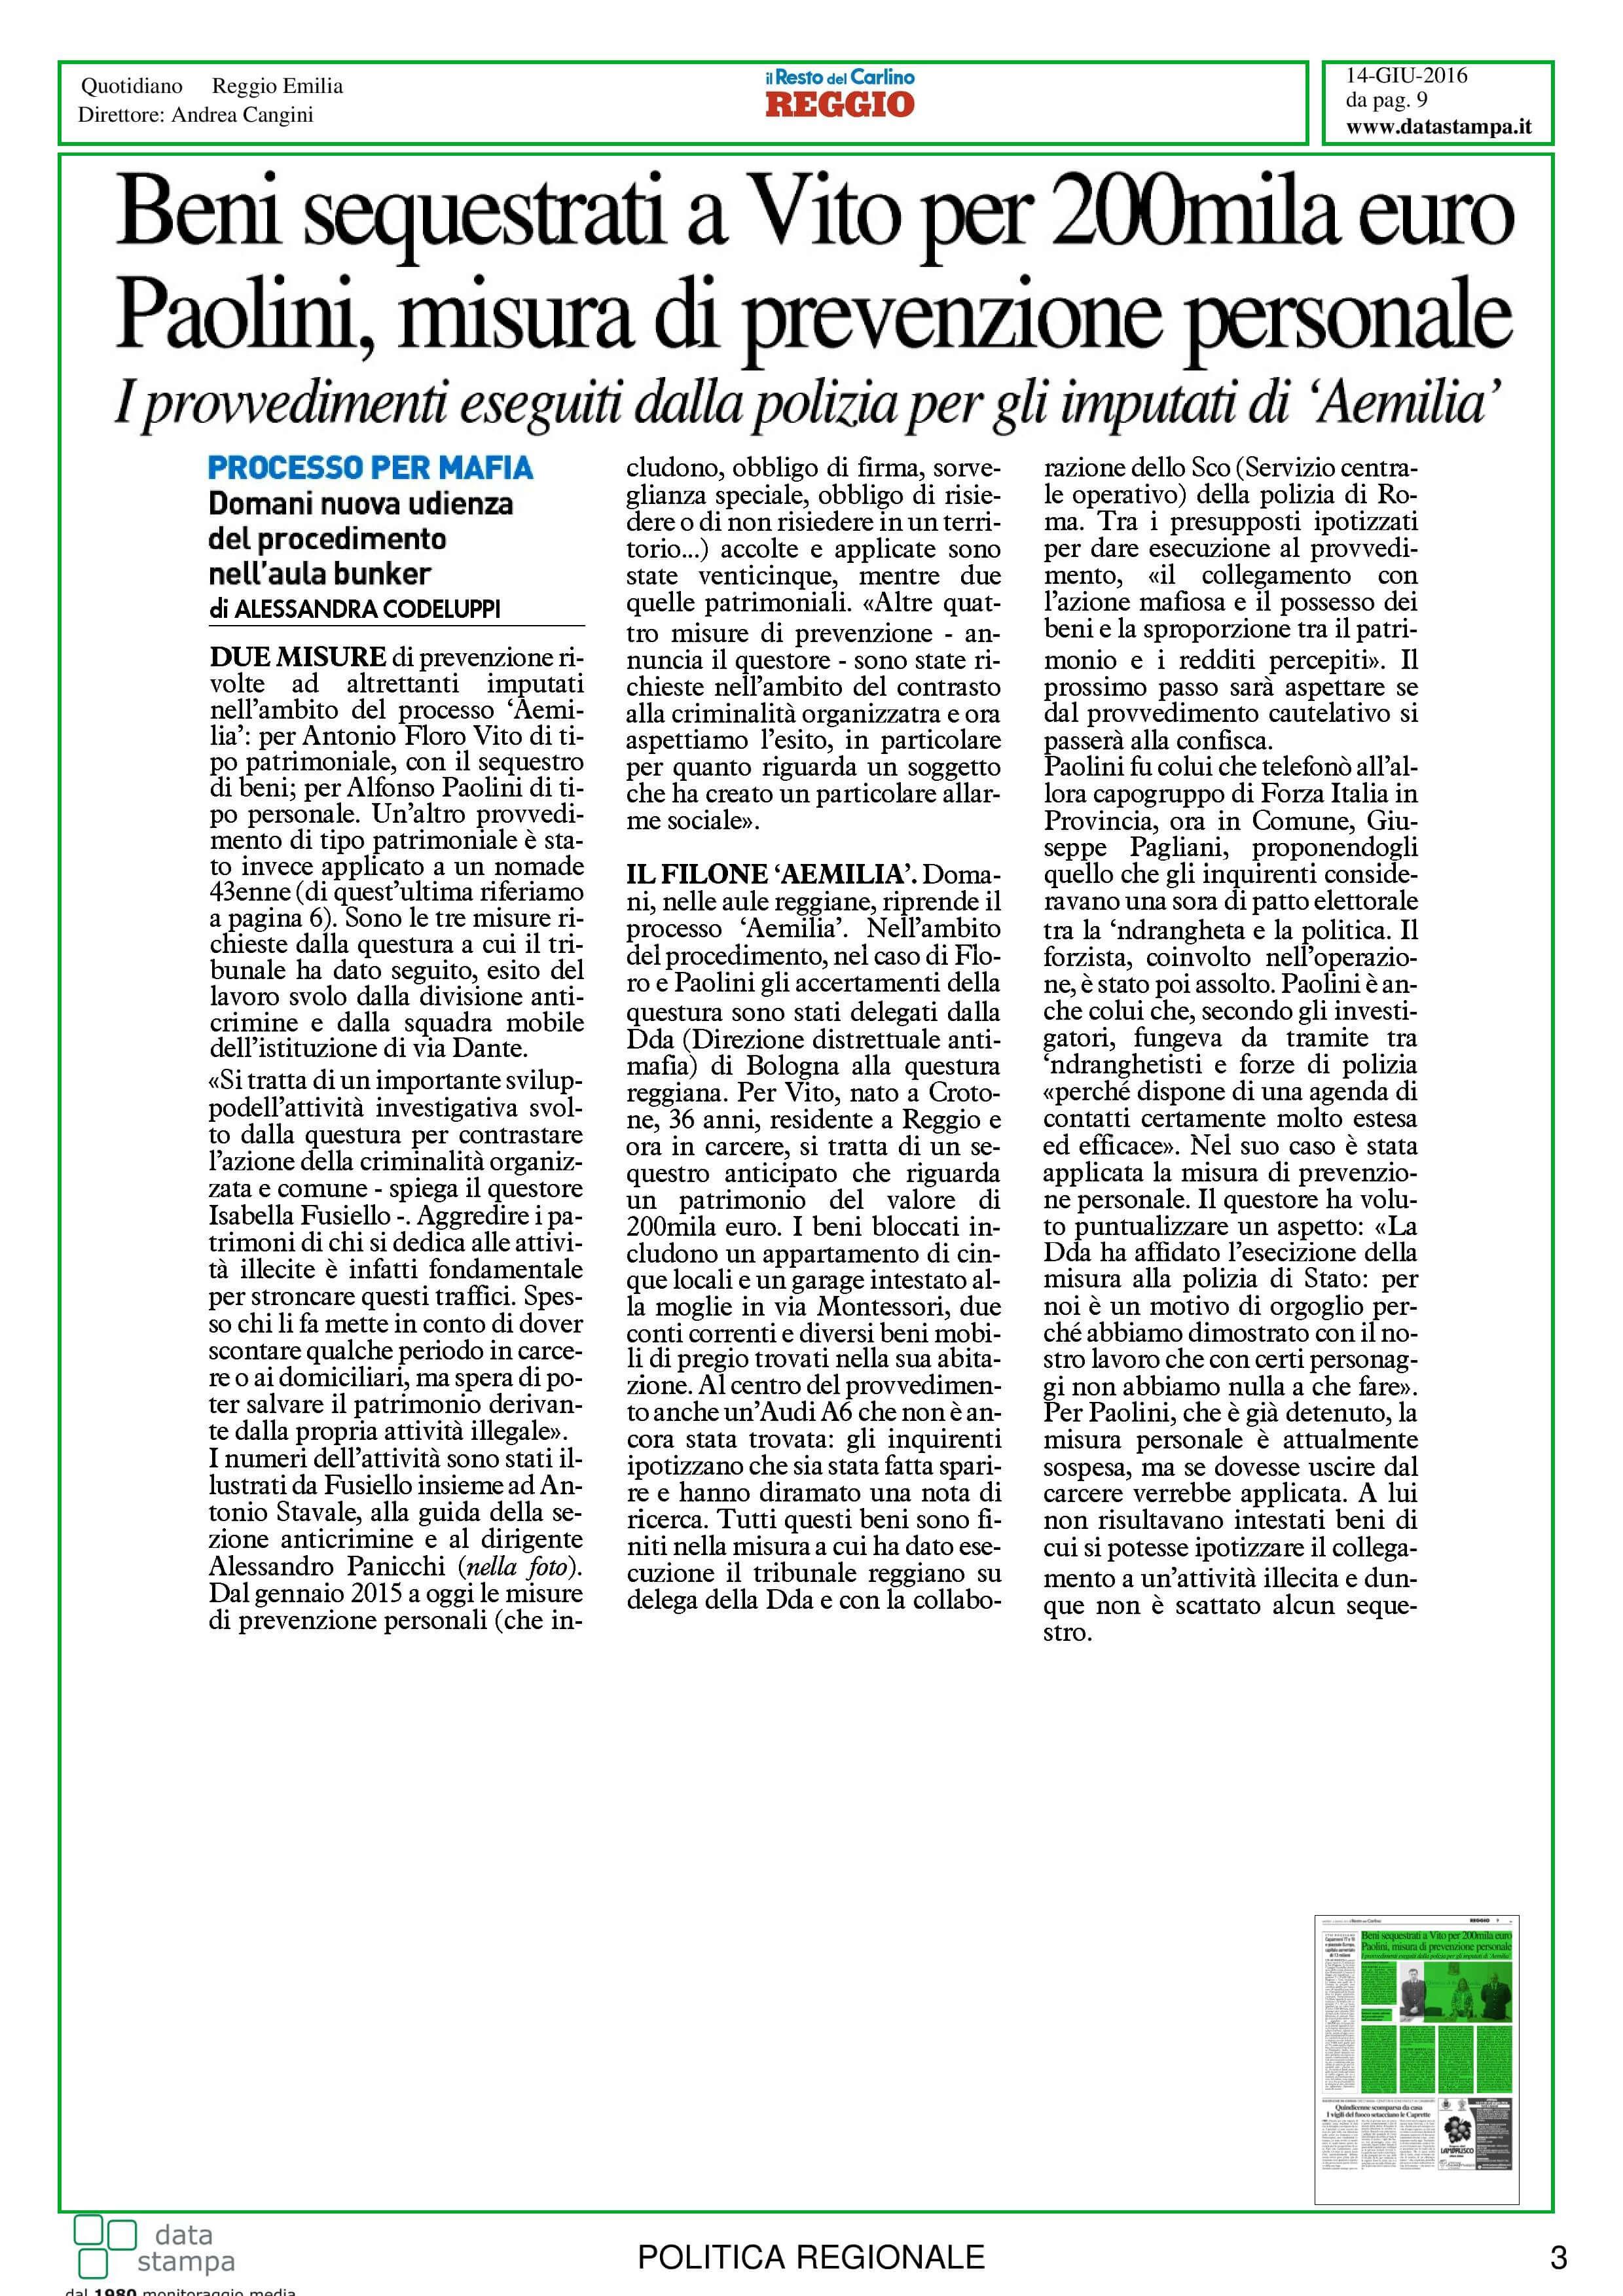 14-06-16-monitor-mafia-in-er-page-004